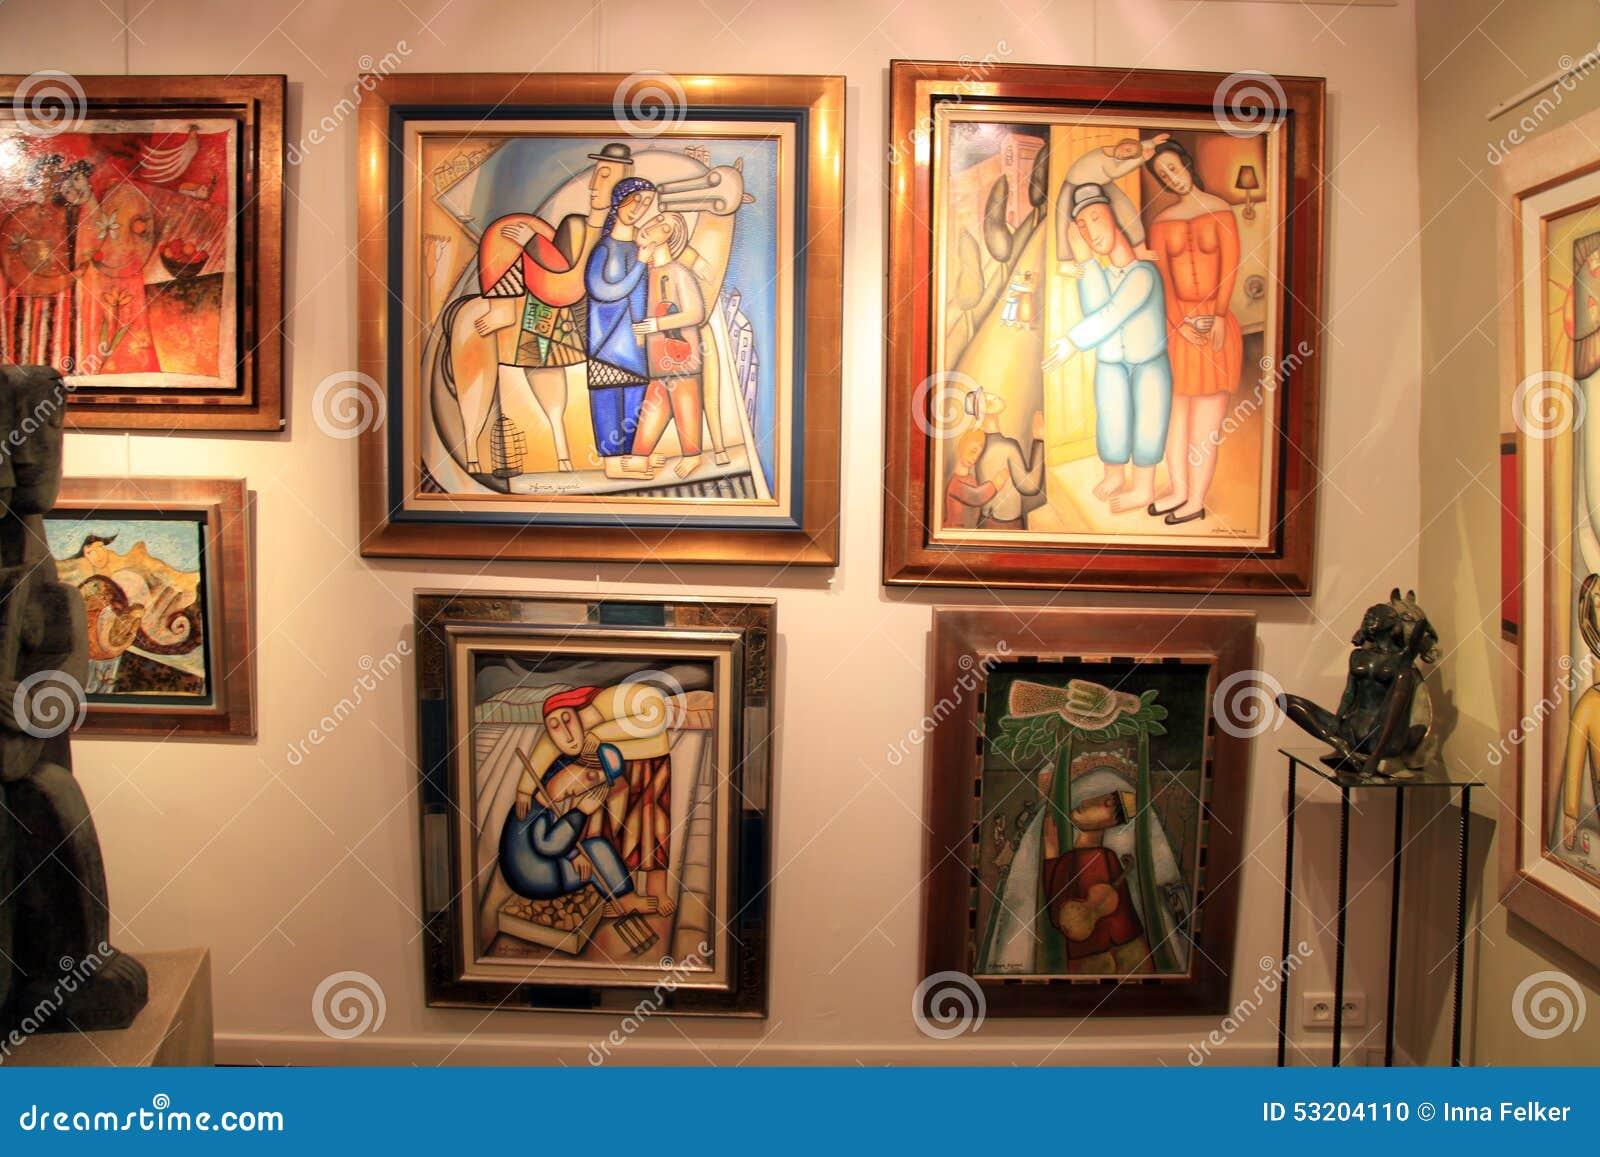 Saint Paul De Vence Art contemporary paintings at art gallery in saint paul de vence